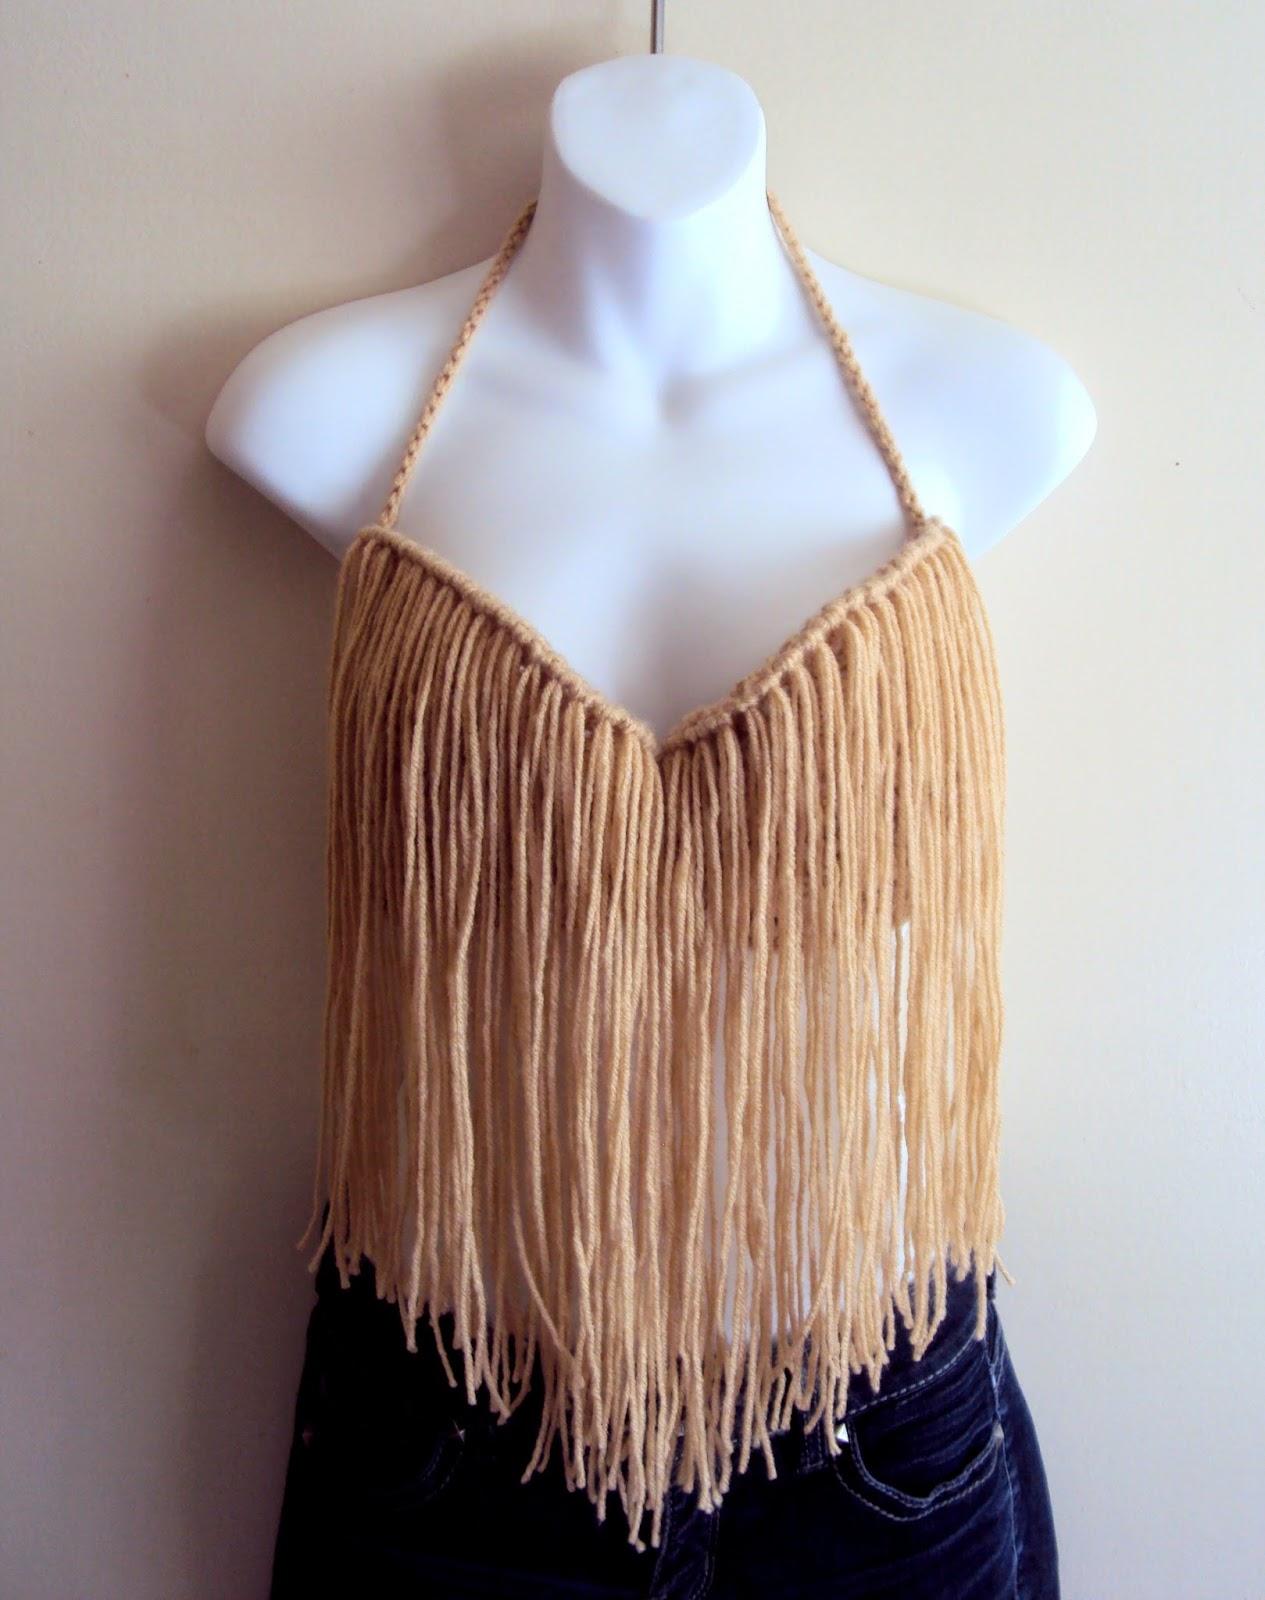 https://www.etsy.com/listing/191551469/crochet-festival-top-bikini-top-beige